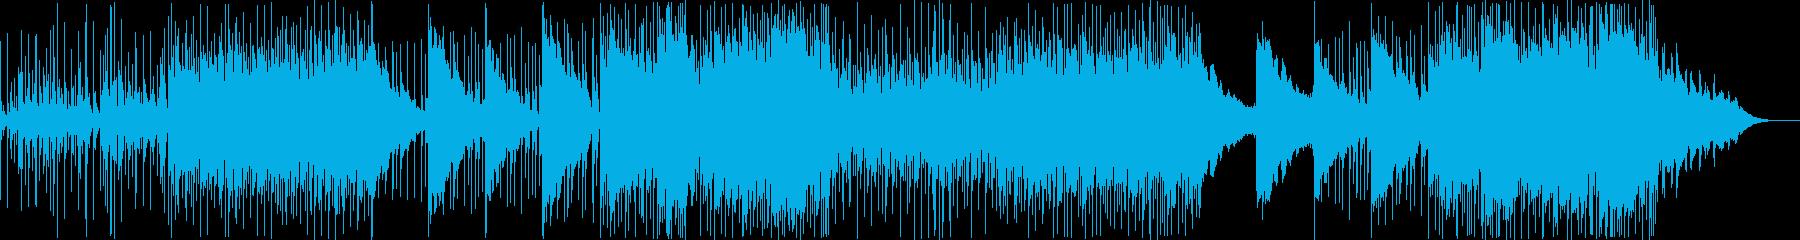 クールでミステリアスなEDM風の曲の再生済みの波形